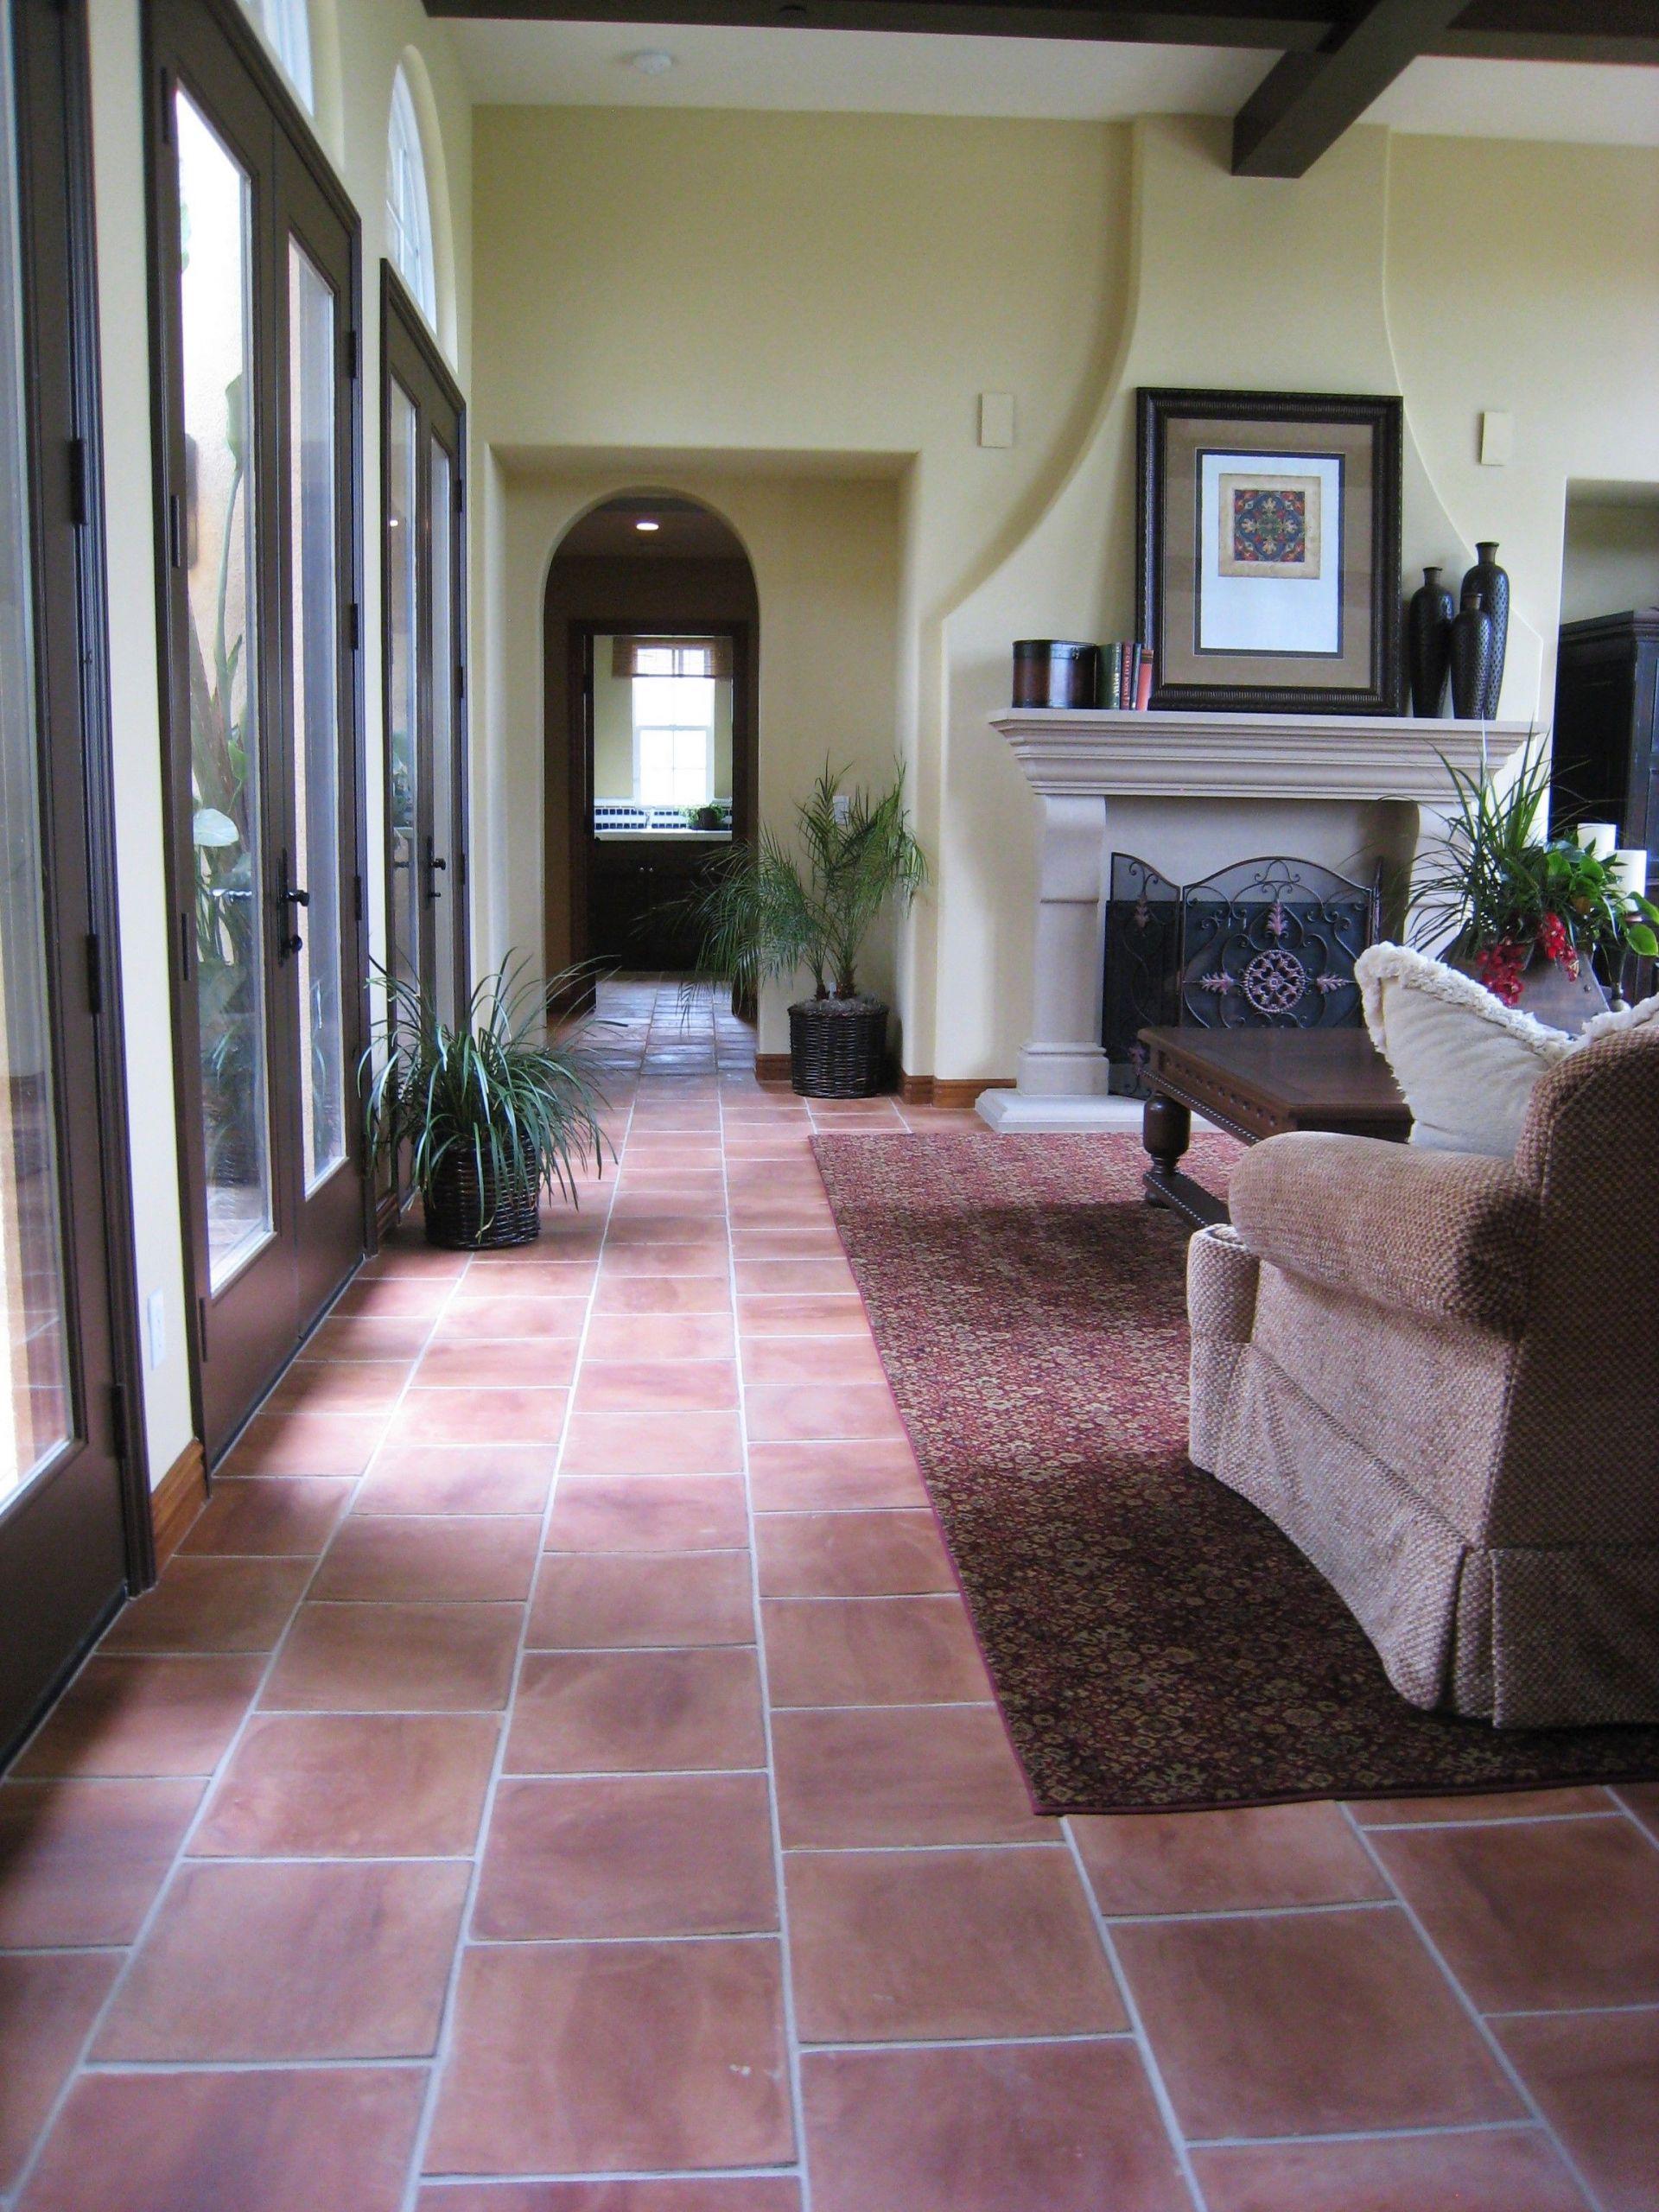 Tiles Design For Living Room Wall: Classy Living Room Floor Tiles Design Ideas In 2020